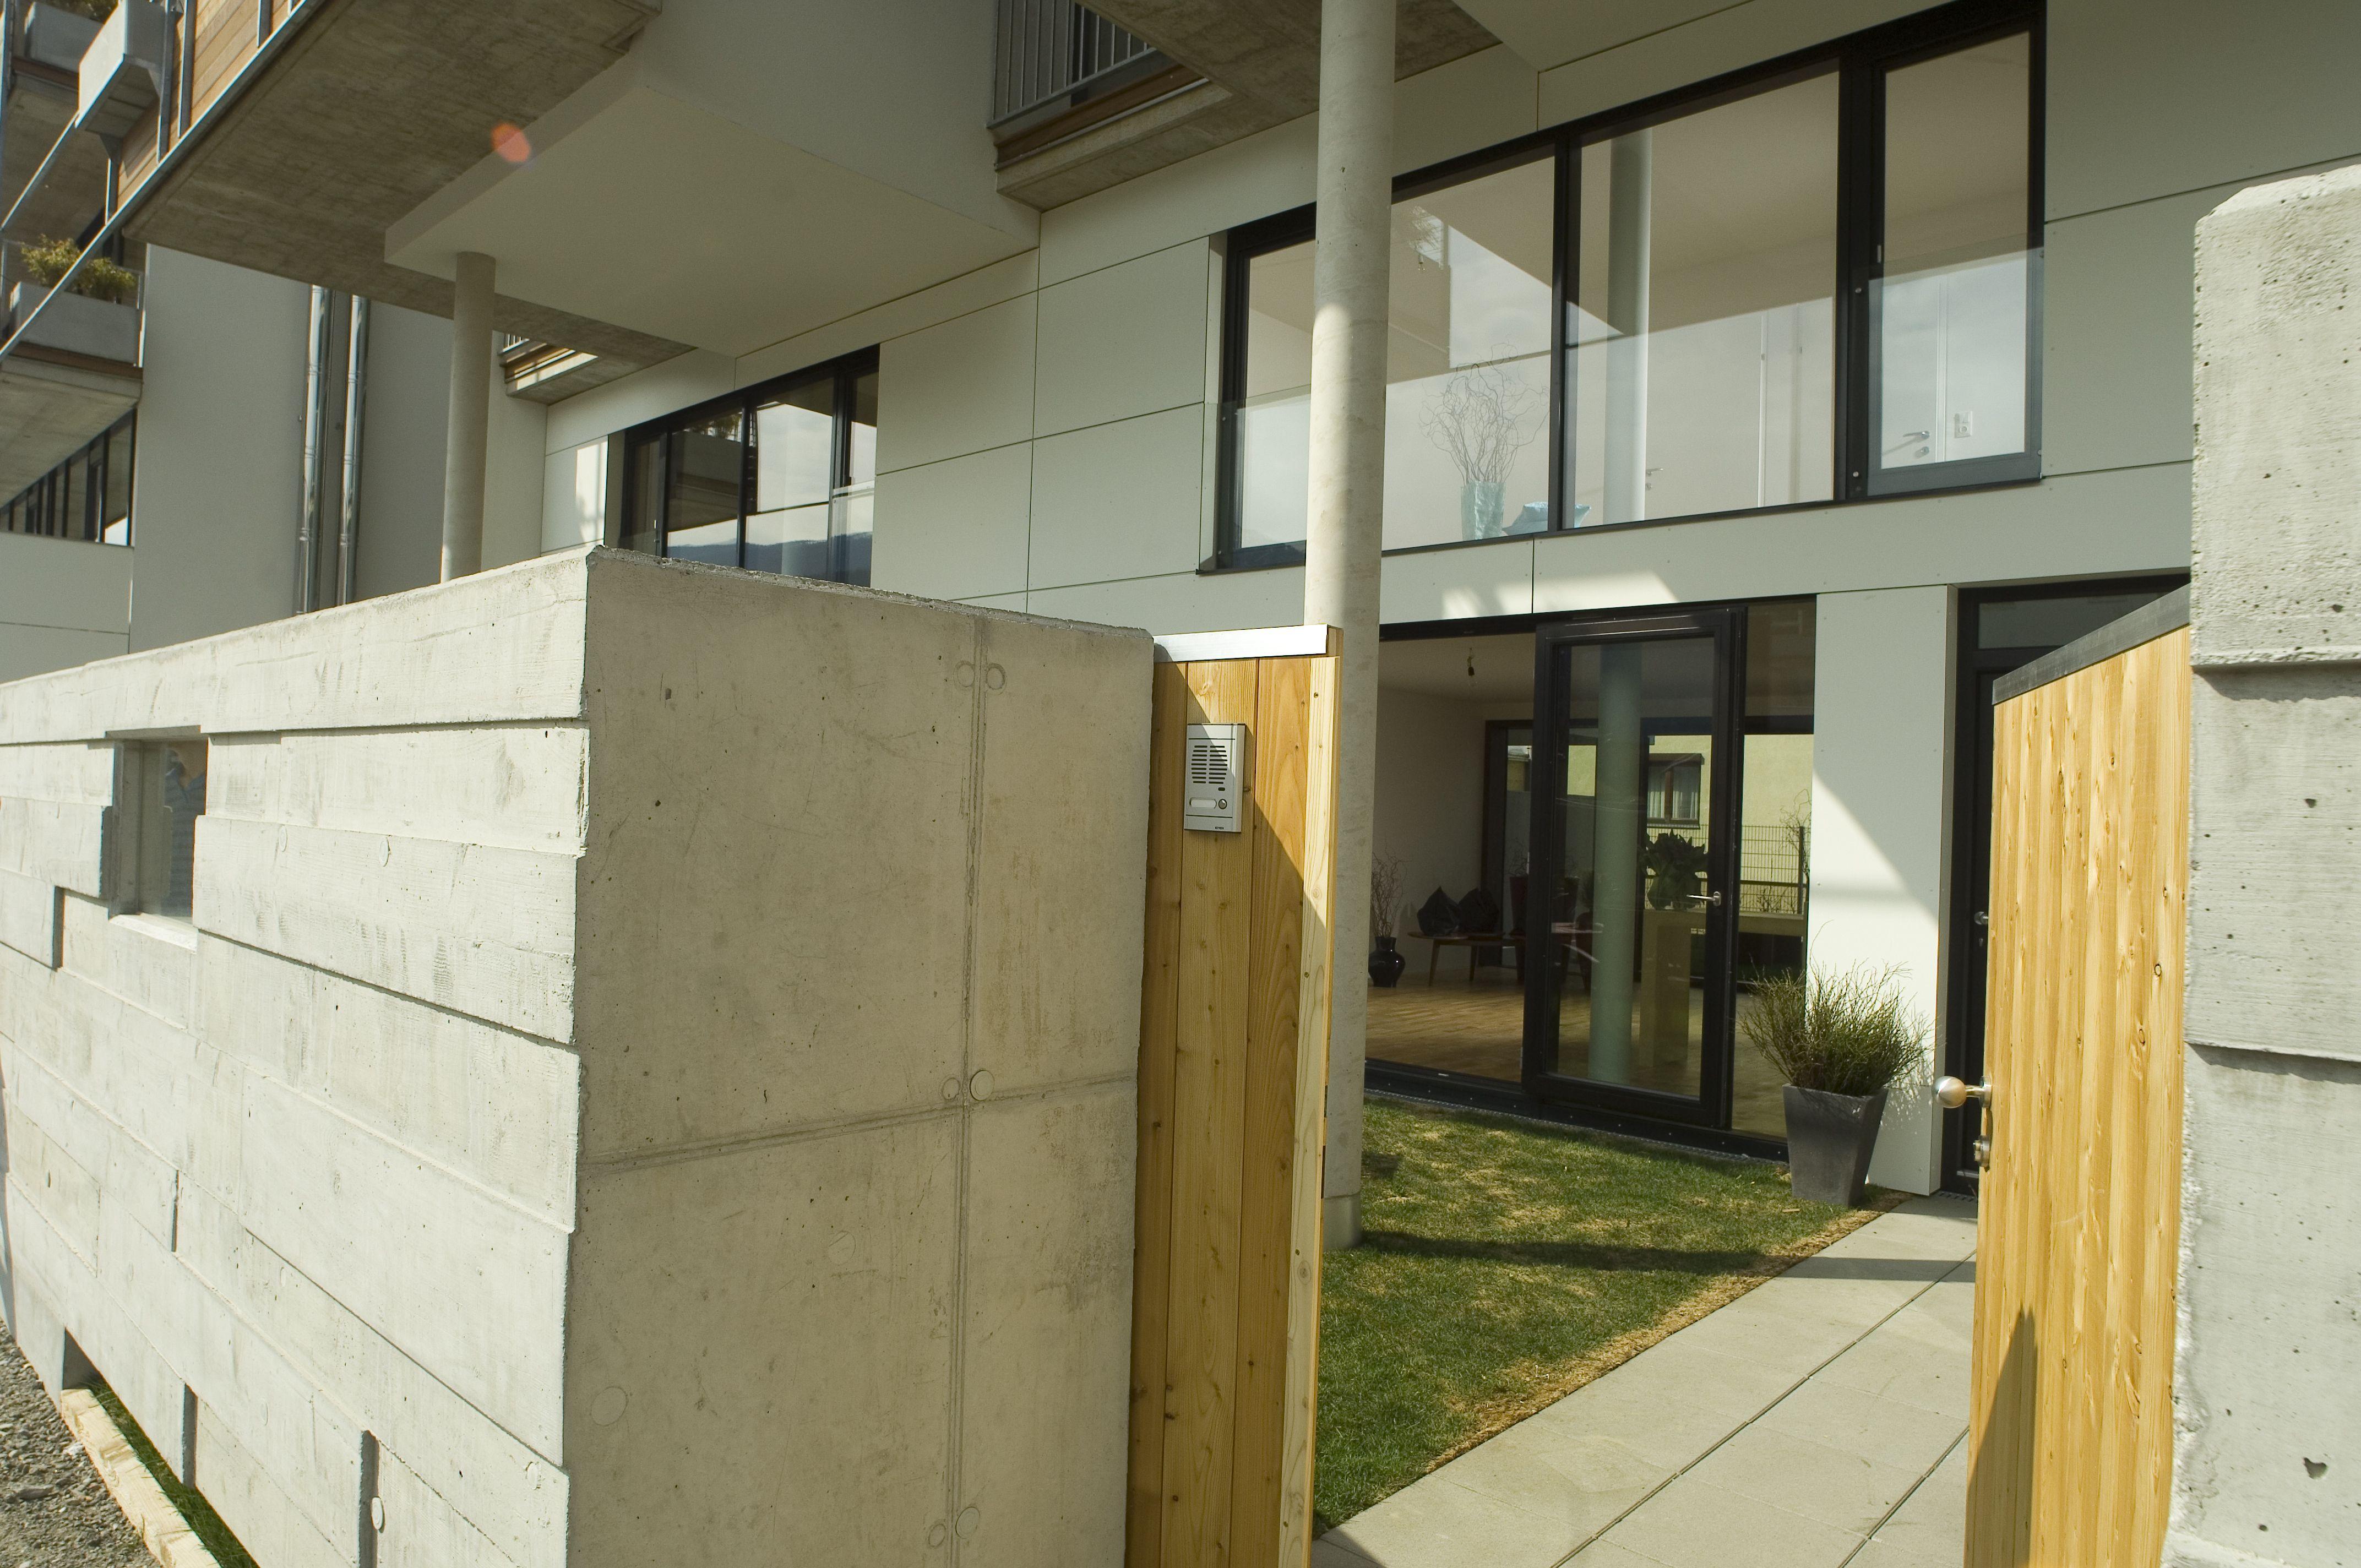 Eingang / Portal Erdgeschoßmaisonette #architecture #door #wood Architekt: ludin*plank*penz, Foto: Gerda Eichholzer